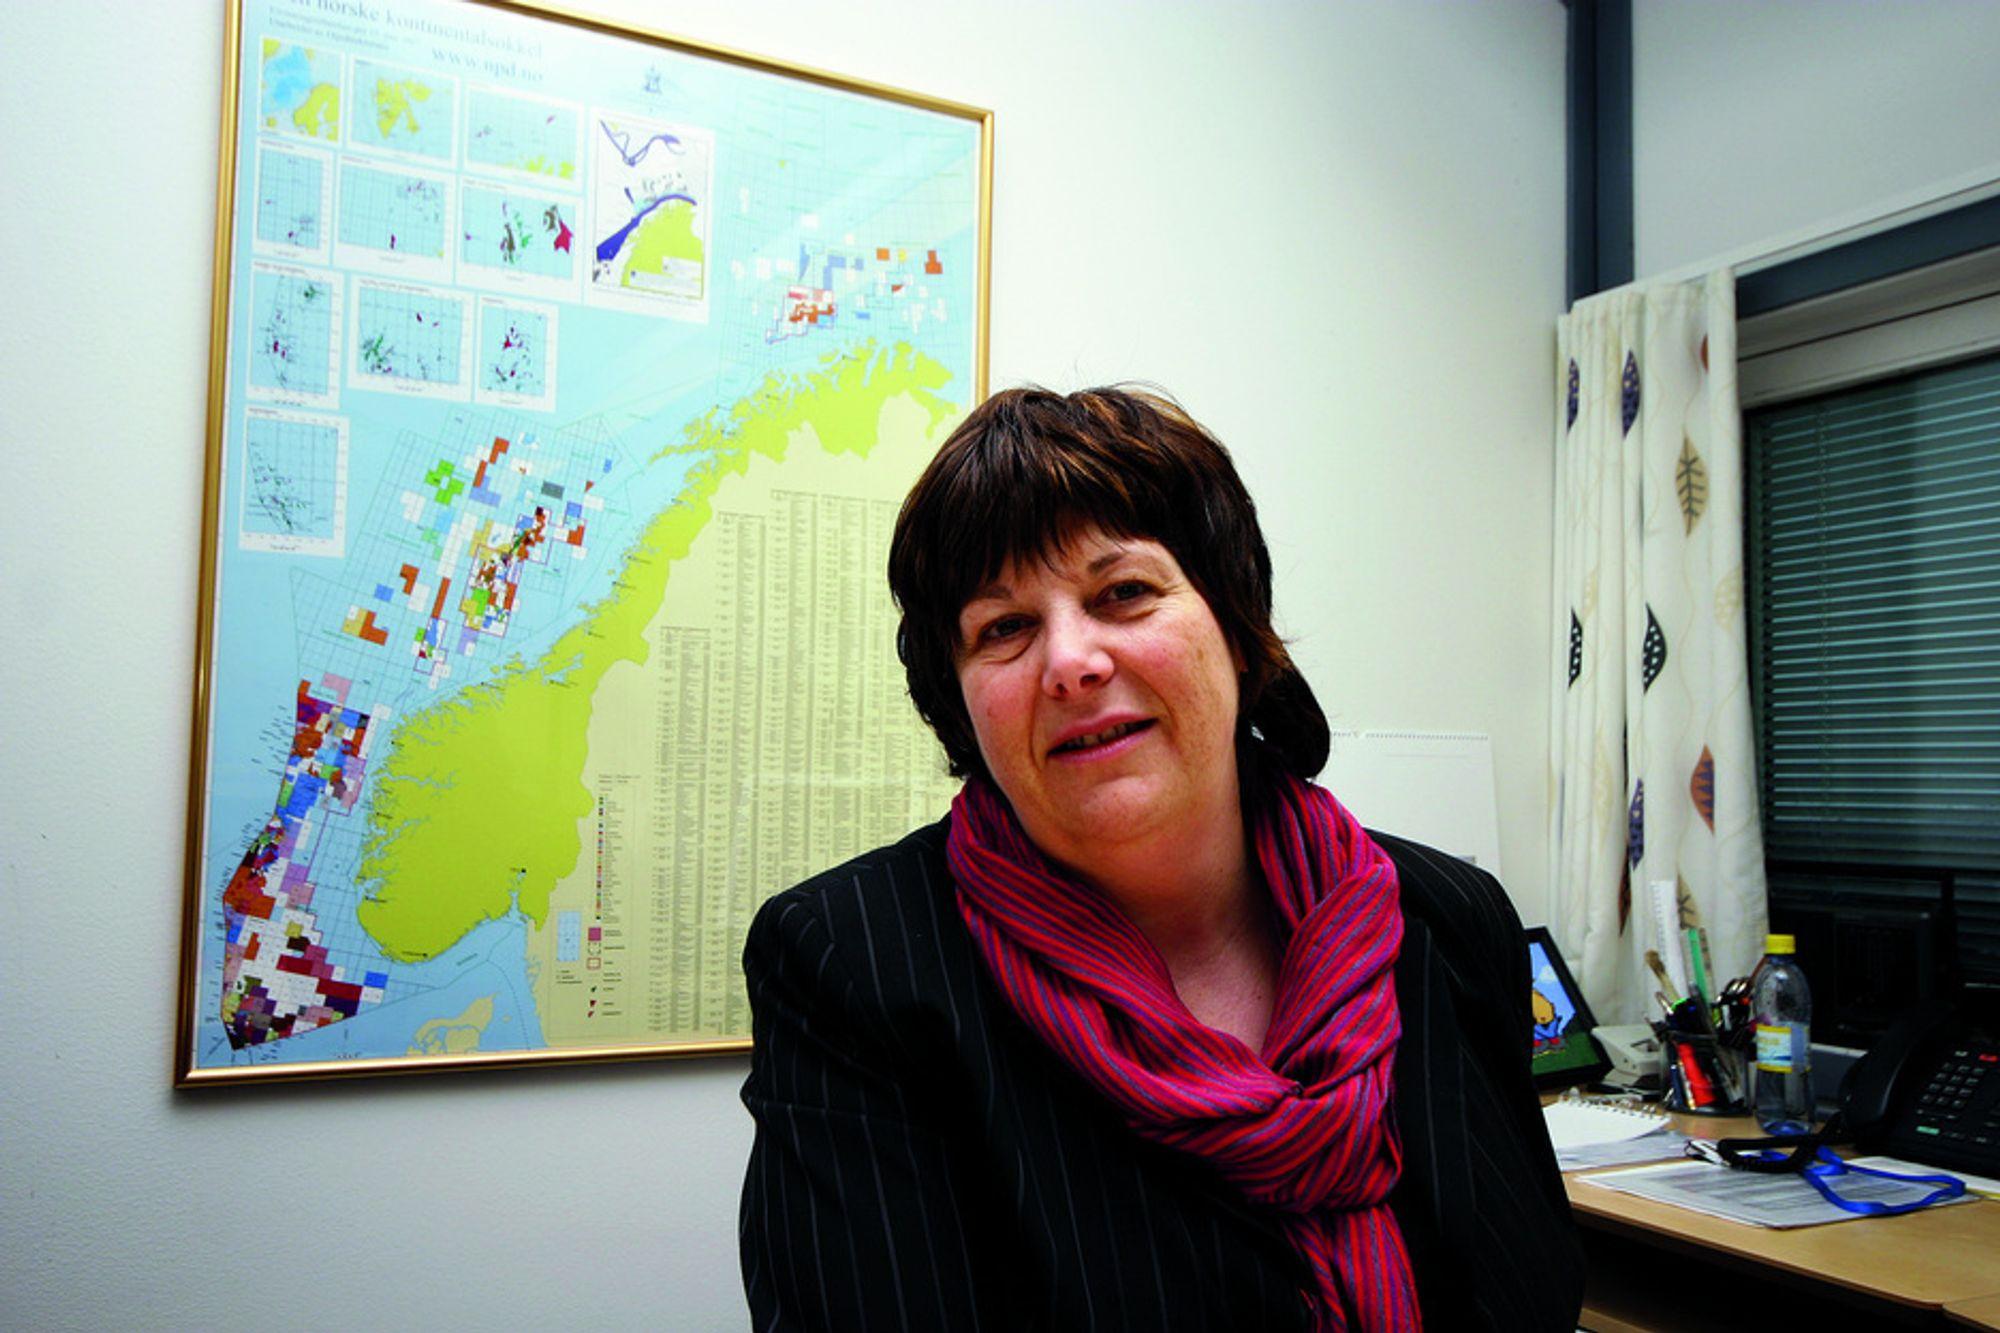 Oljedirektør Bente Nyland er ikke nervøs for at investeringer blir skrinlagt som følge av lav oljepris utover i 2009.